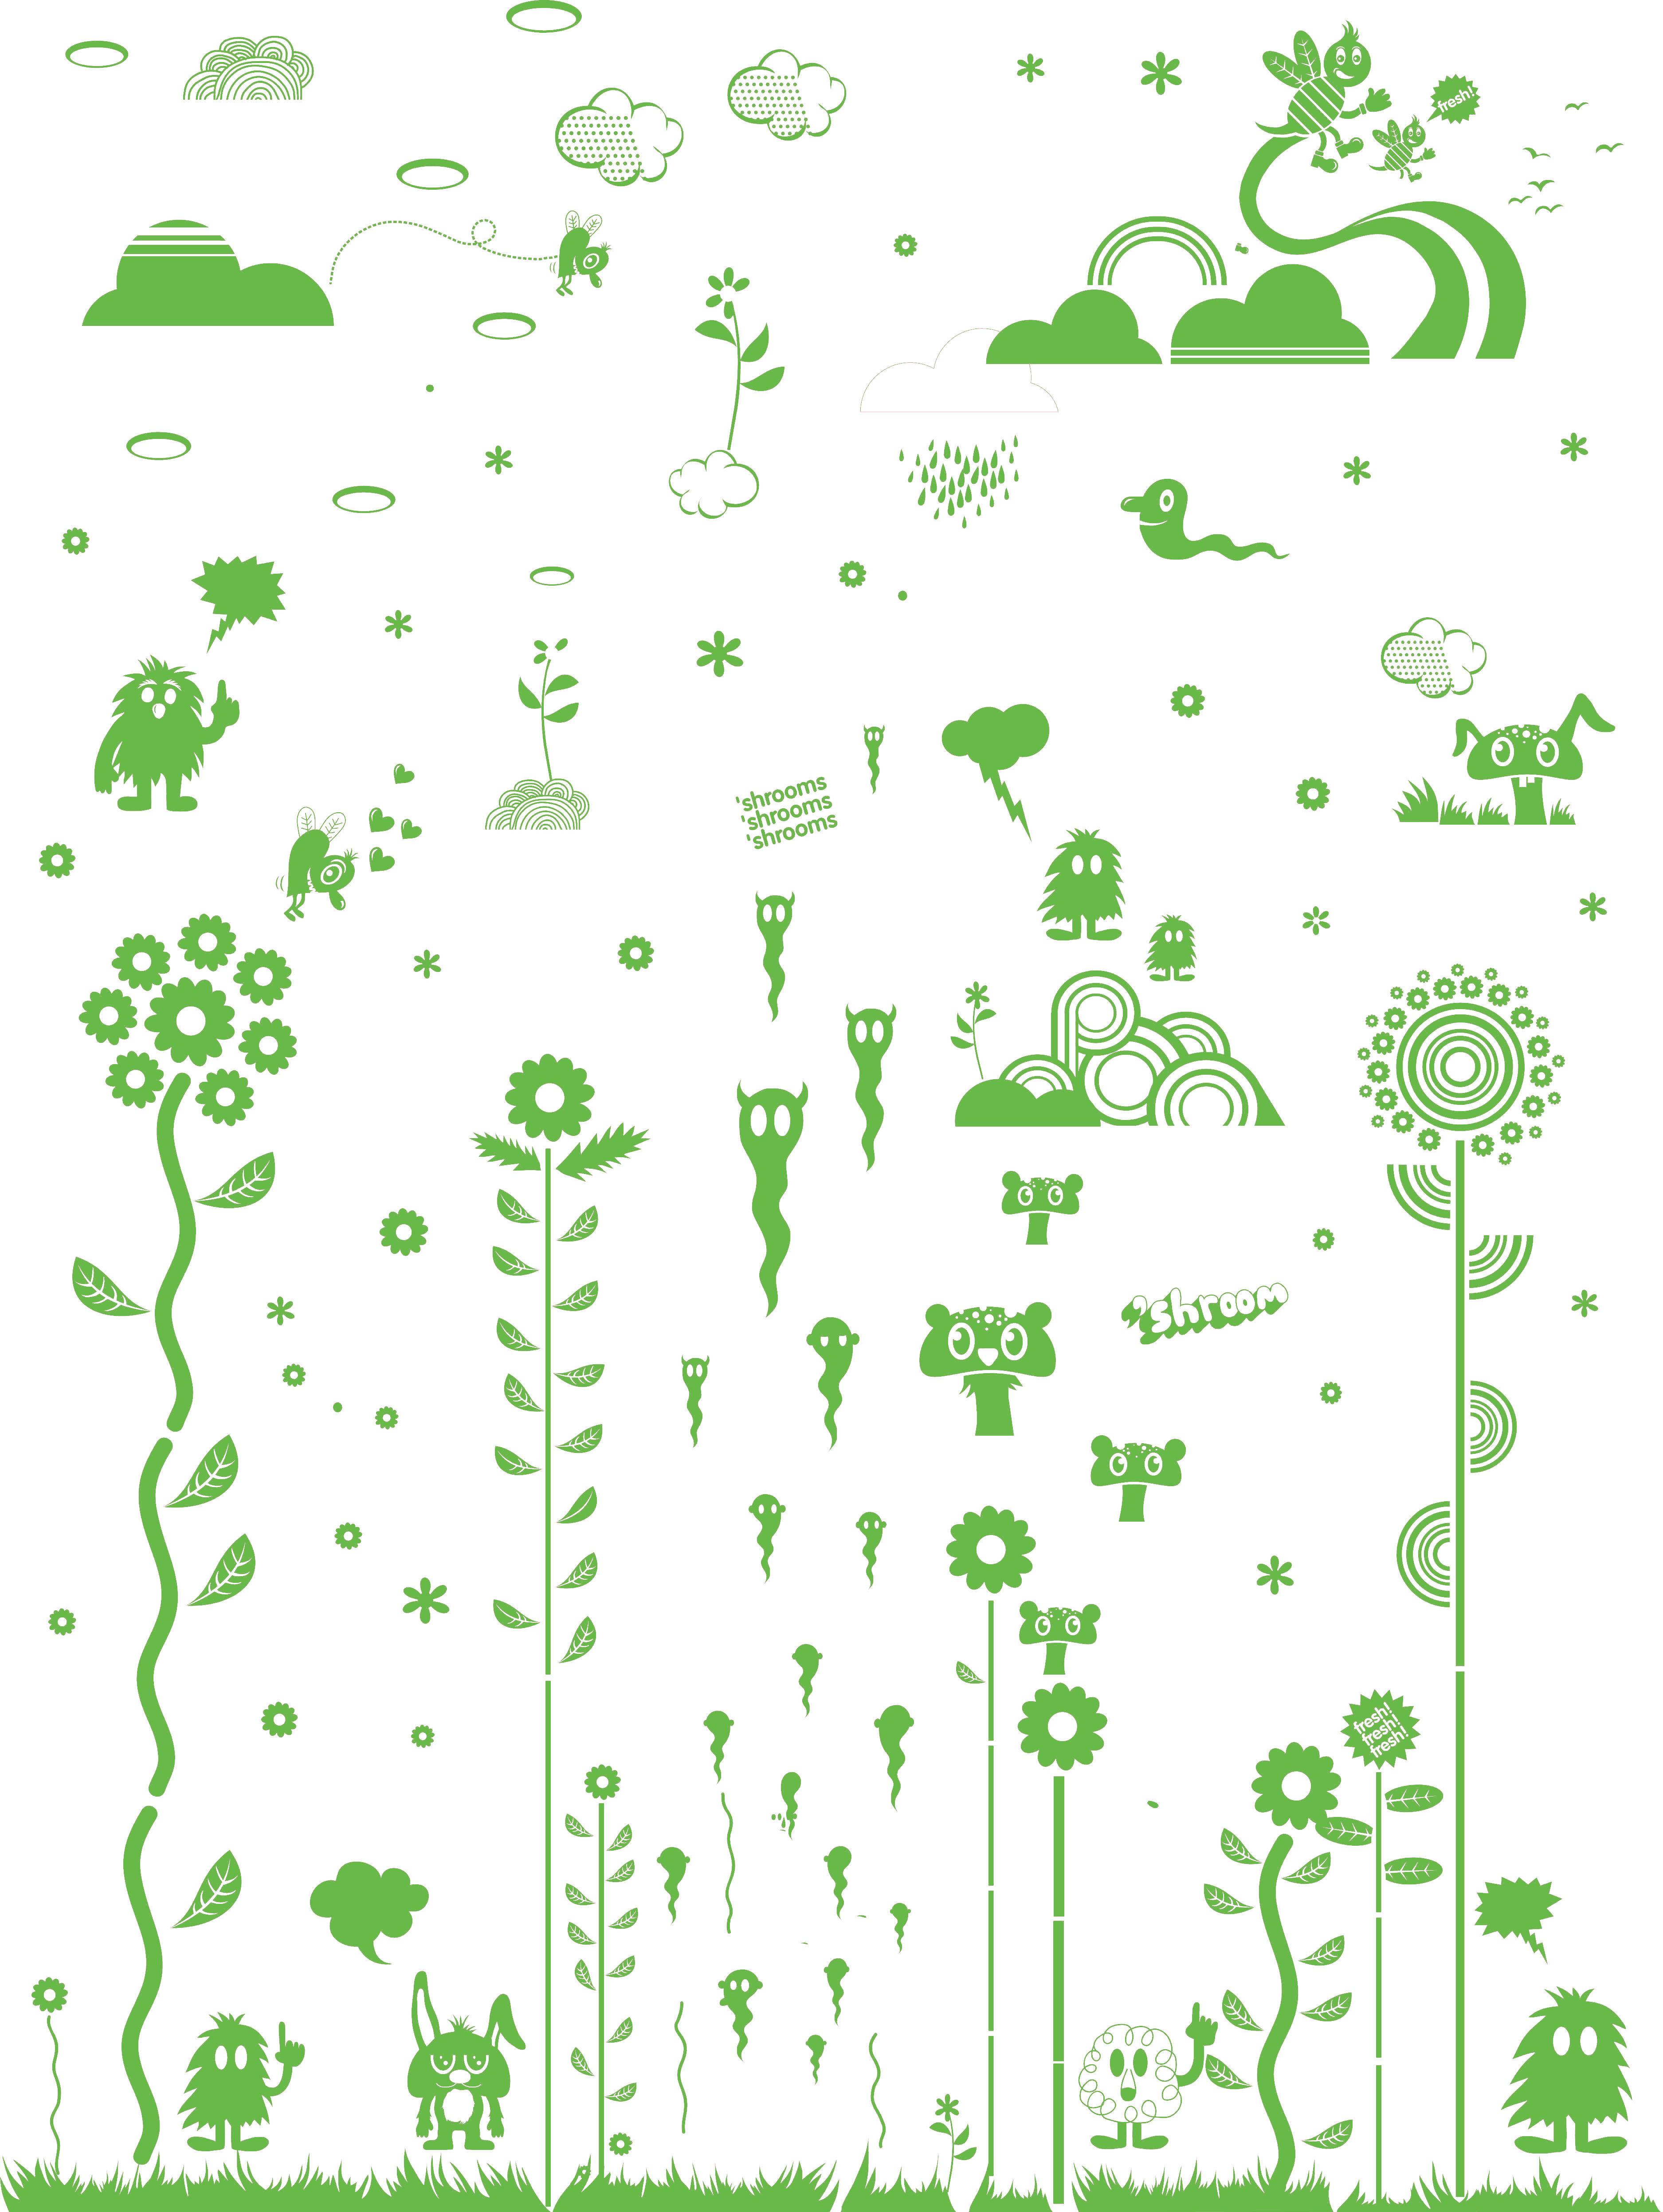 Dekoration - Stickers und Tapeten - Mushroom Forest Green Sticker - Domestic - Grün - Vinyl